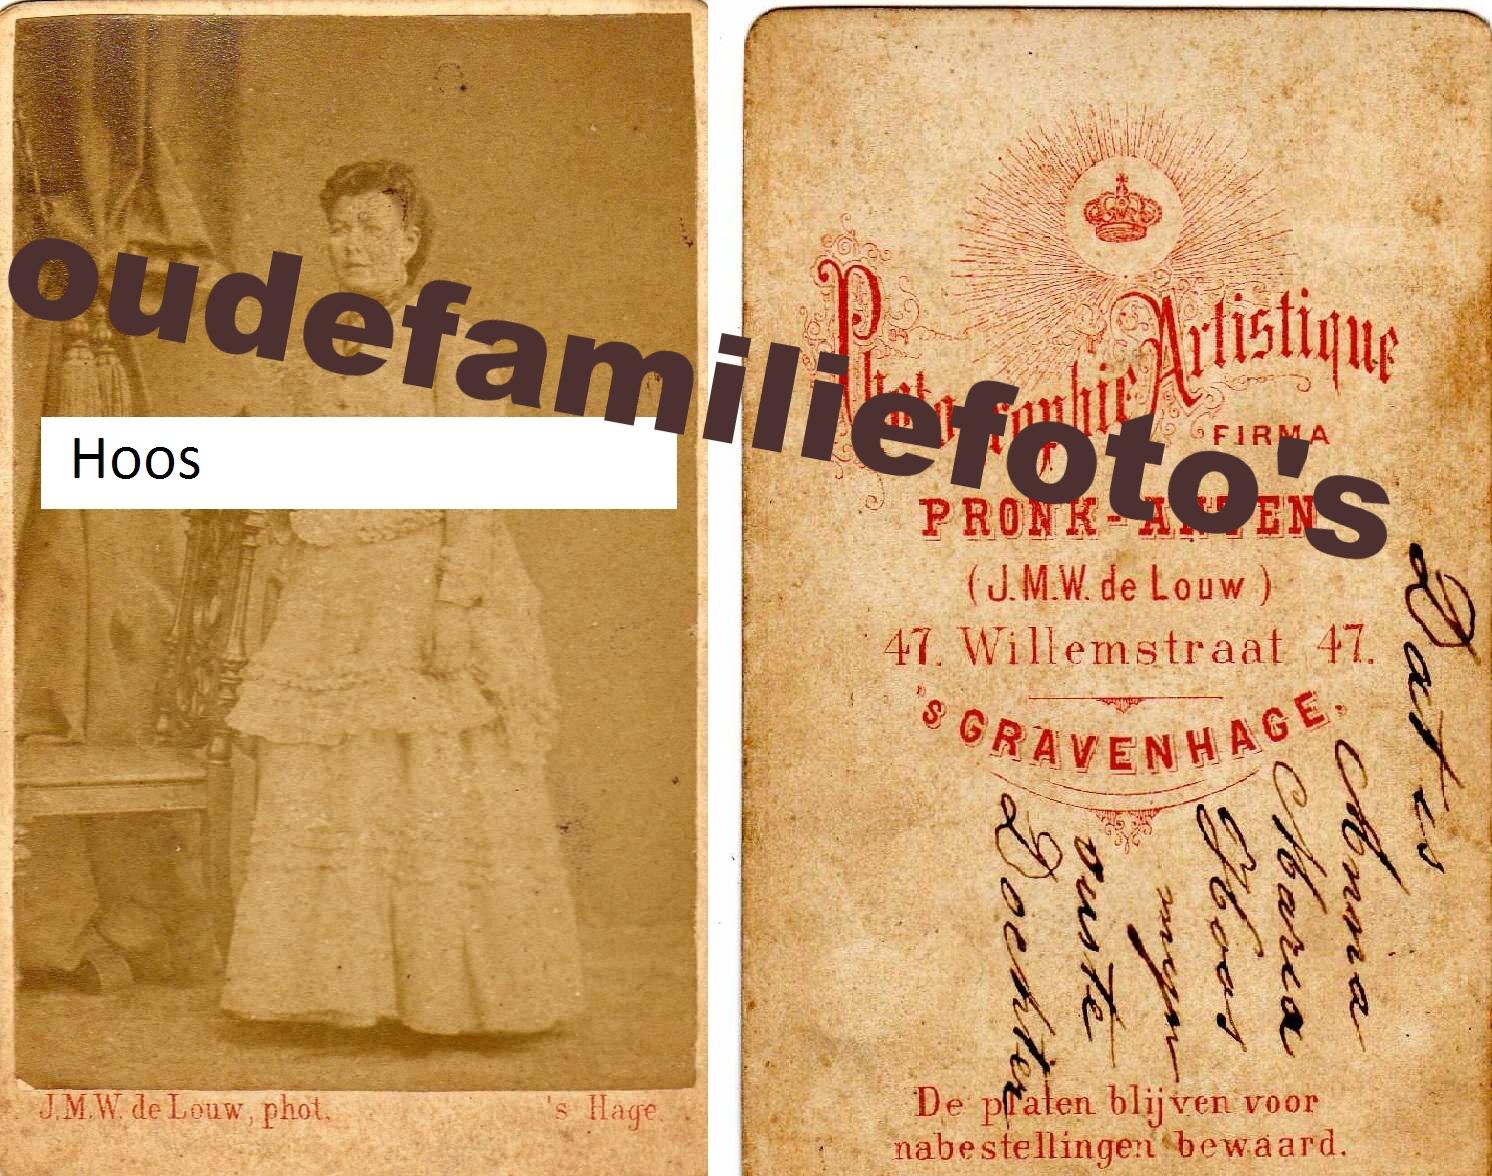 Hoos, (Joh)anna Maria, geboren 12-5-1843 Den-Haag dochter van Gerrit Hoos € prijs in overleg